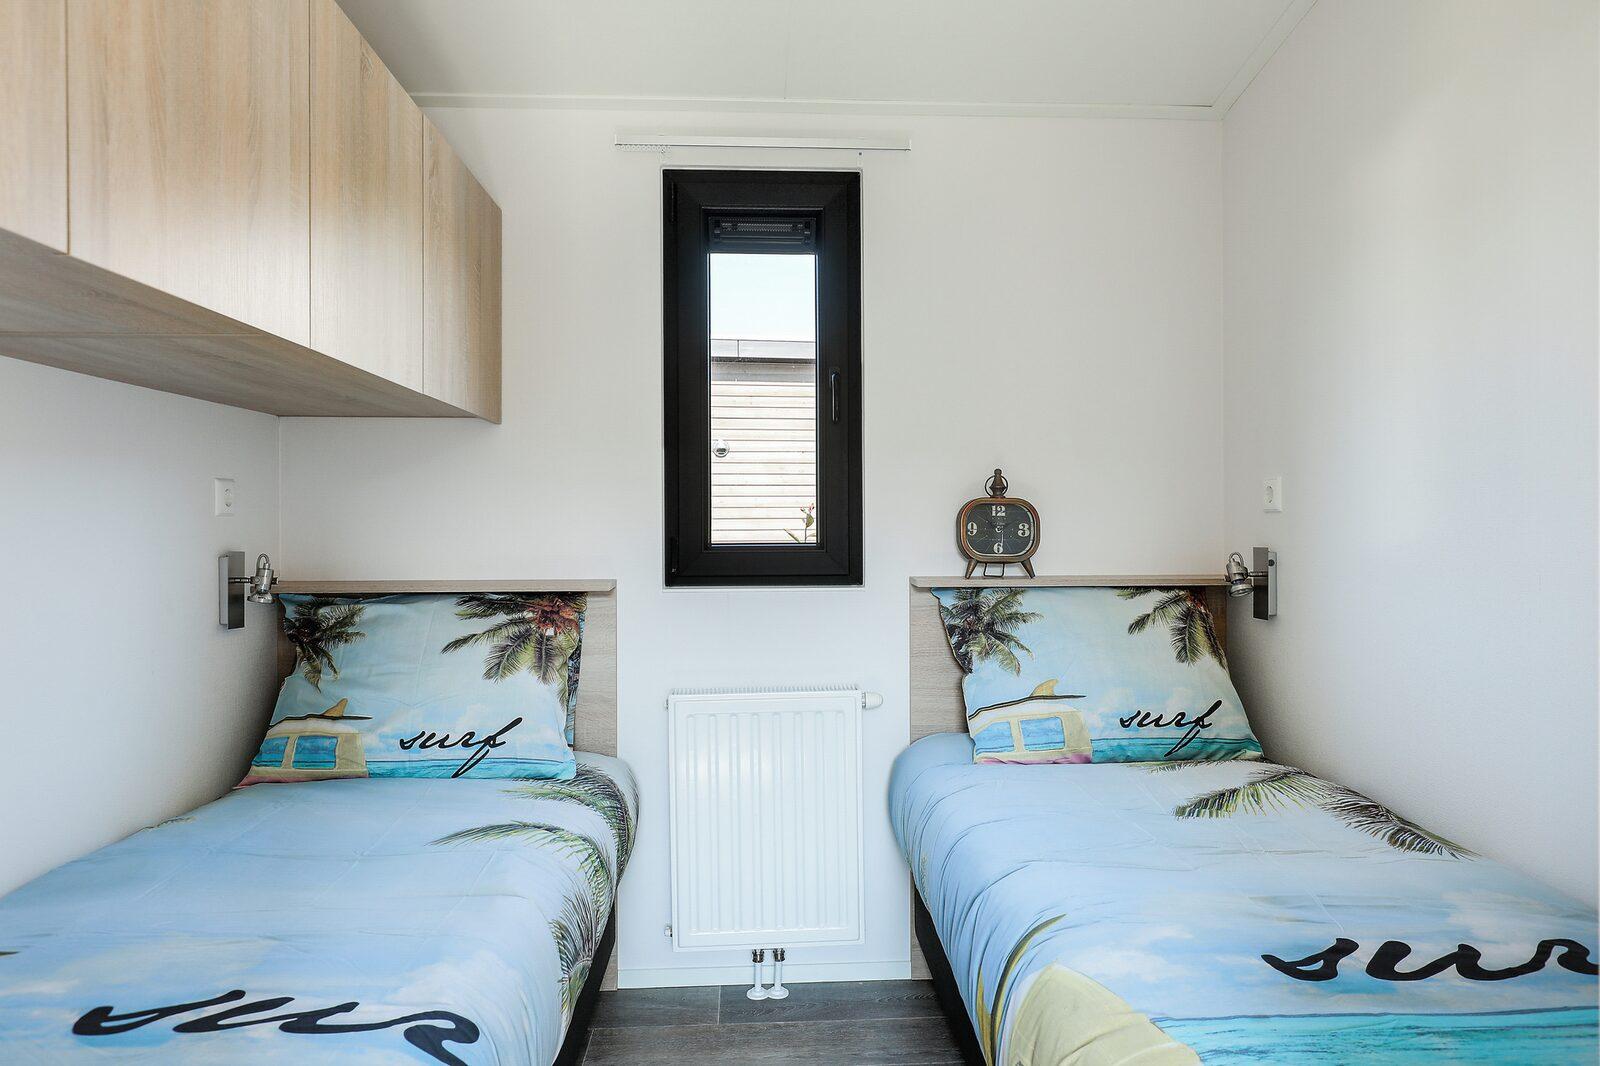 Lodge (ohne Fernseher): sechs Personen, drei Schlafzimmer